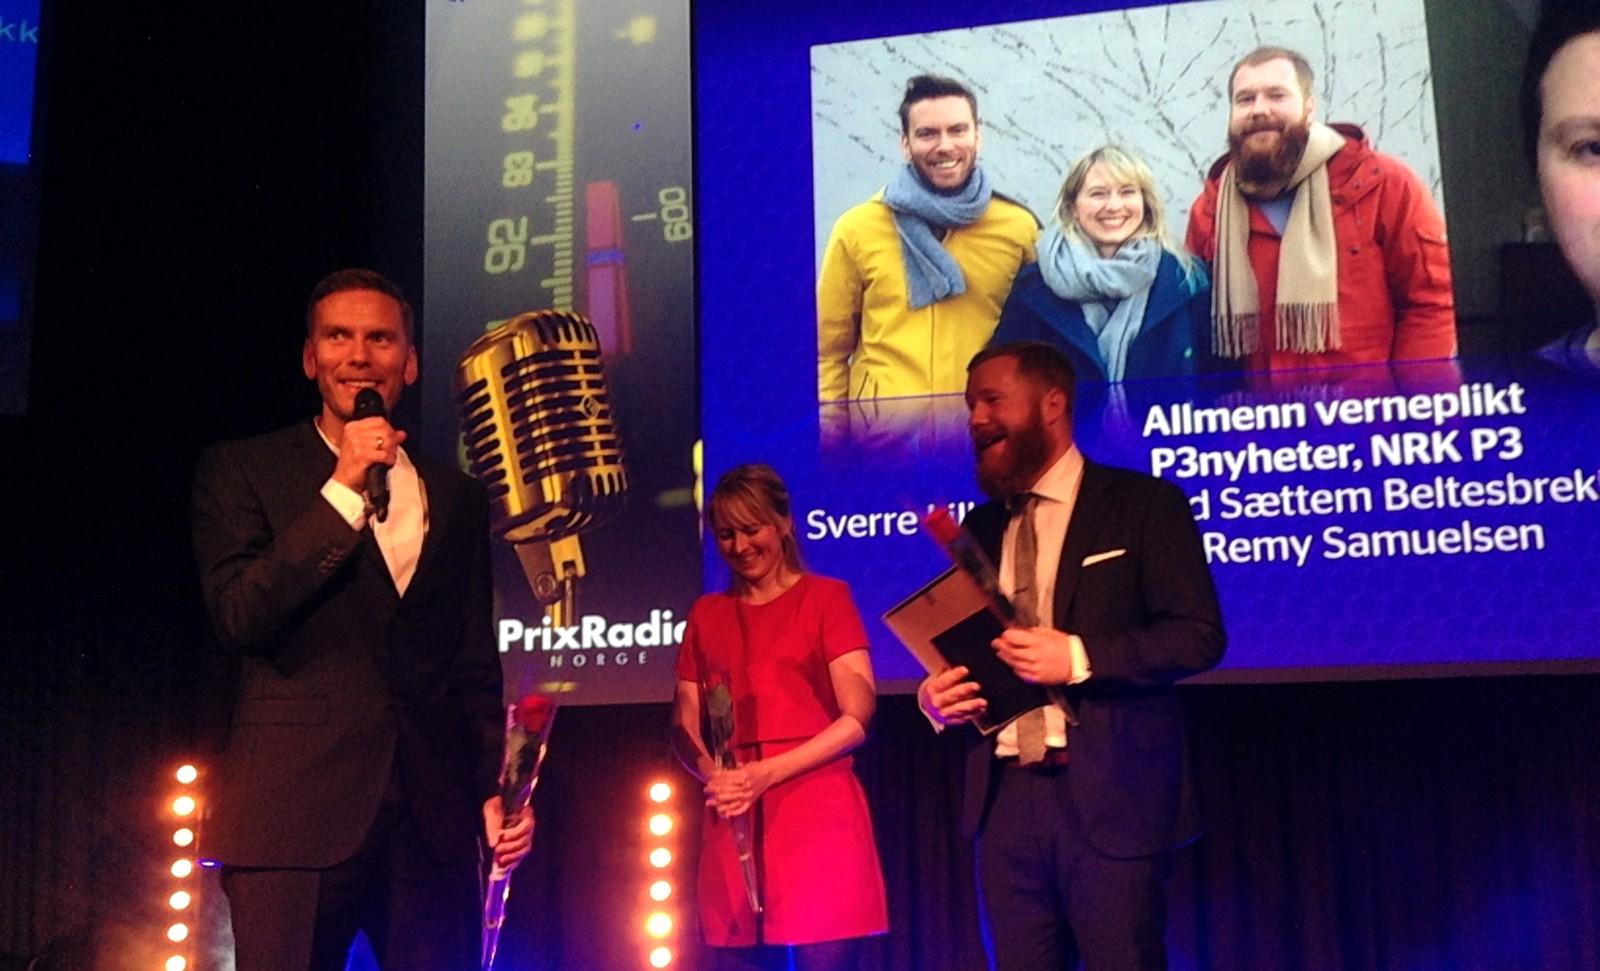 P3nyheter får Prix Radio-pris for beste nyhetsbulletin 2015